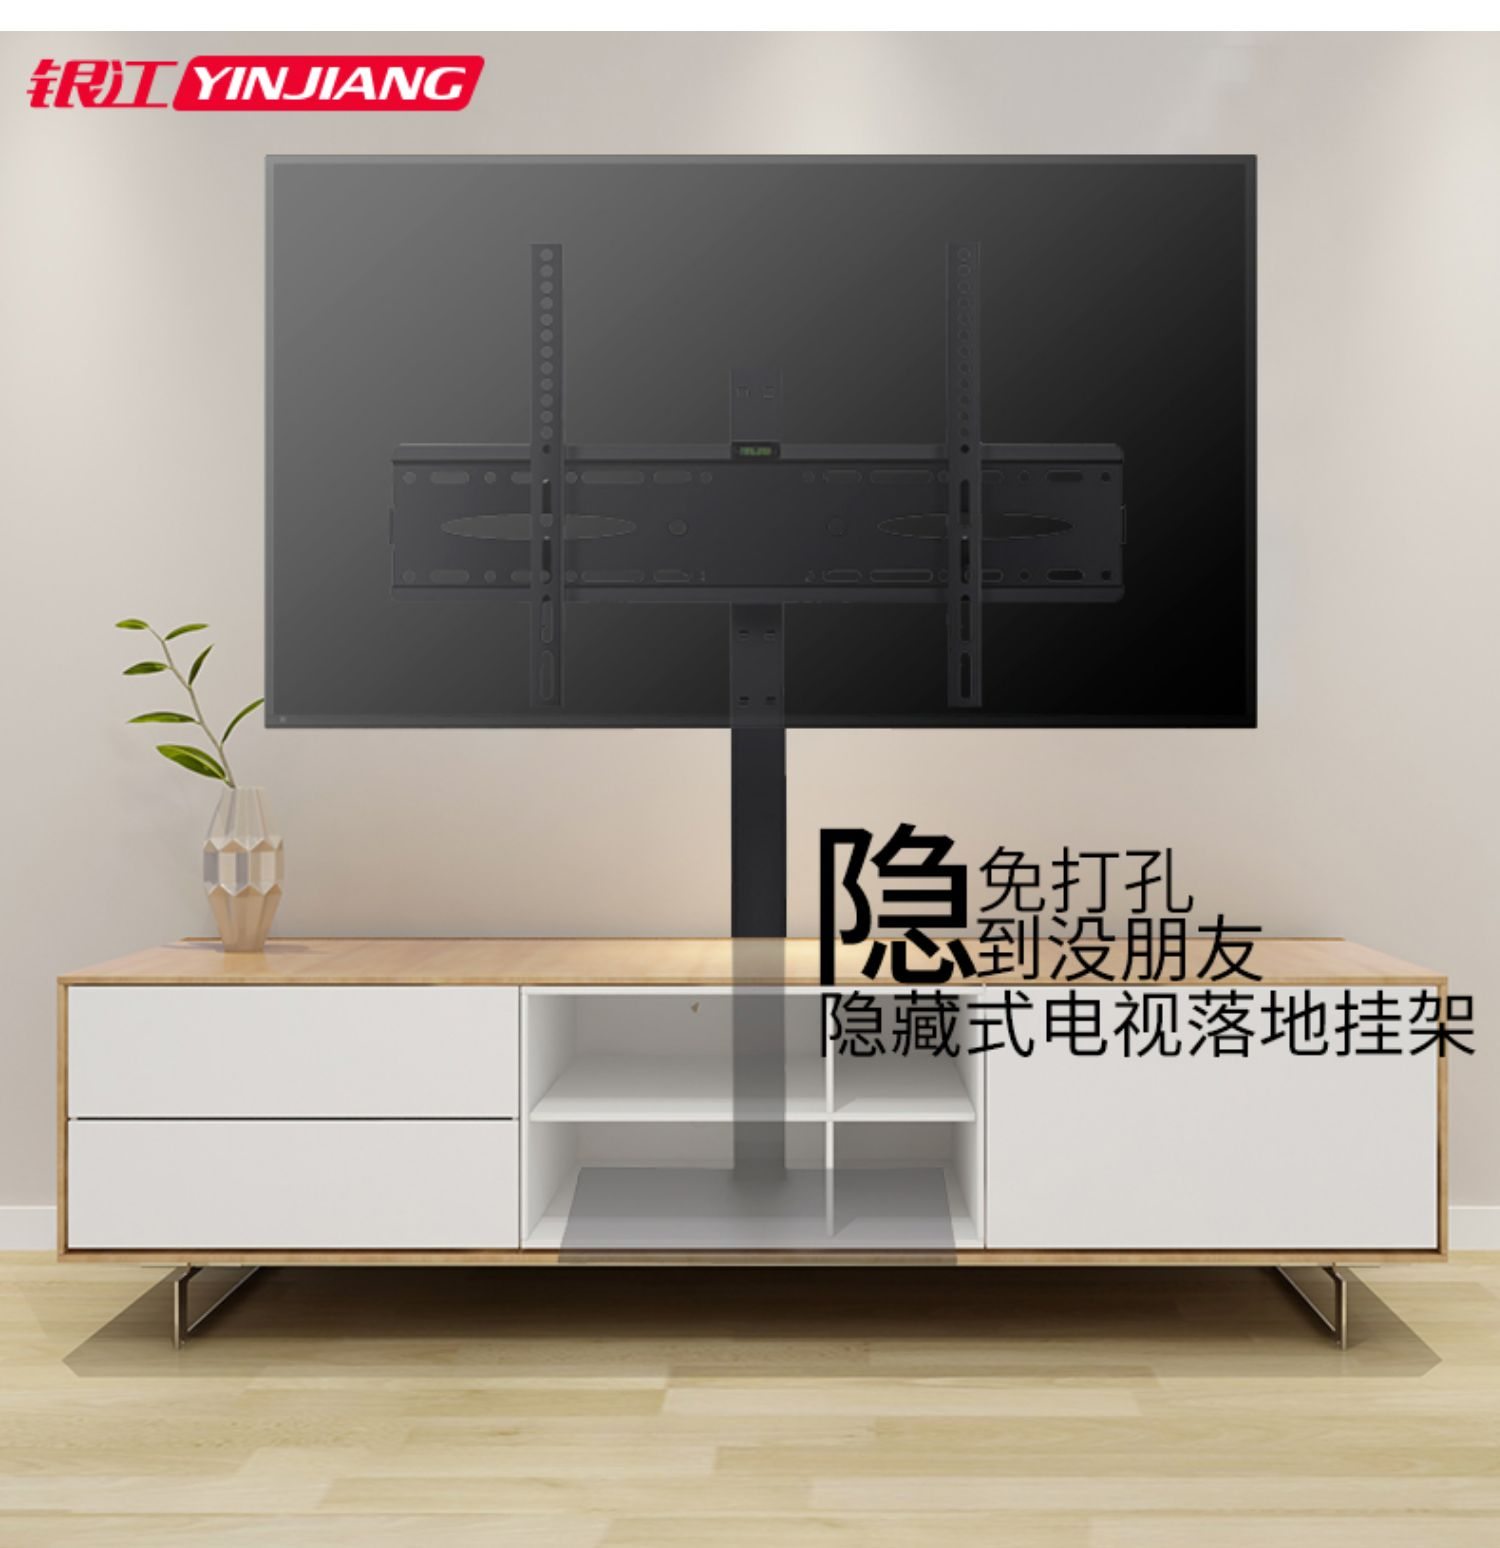 通用液晶电视机挂架子落地式支架底座移动免打孔显示器隐形万能商品详情图